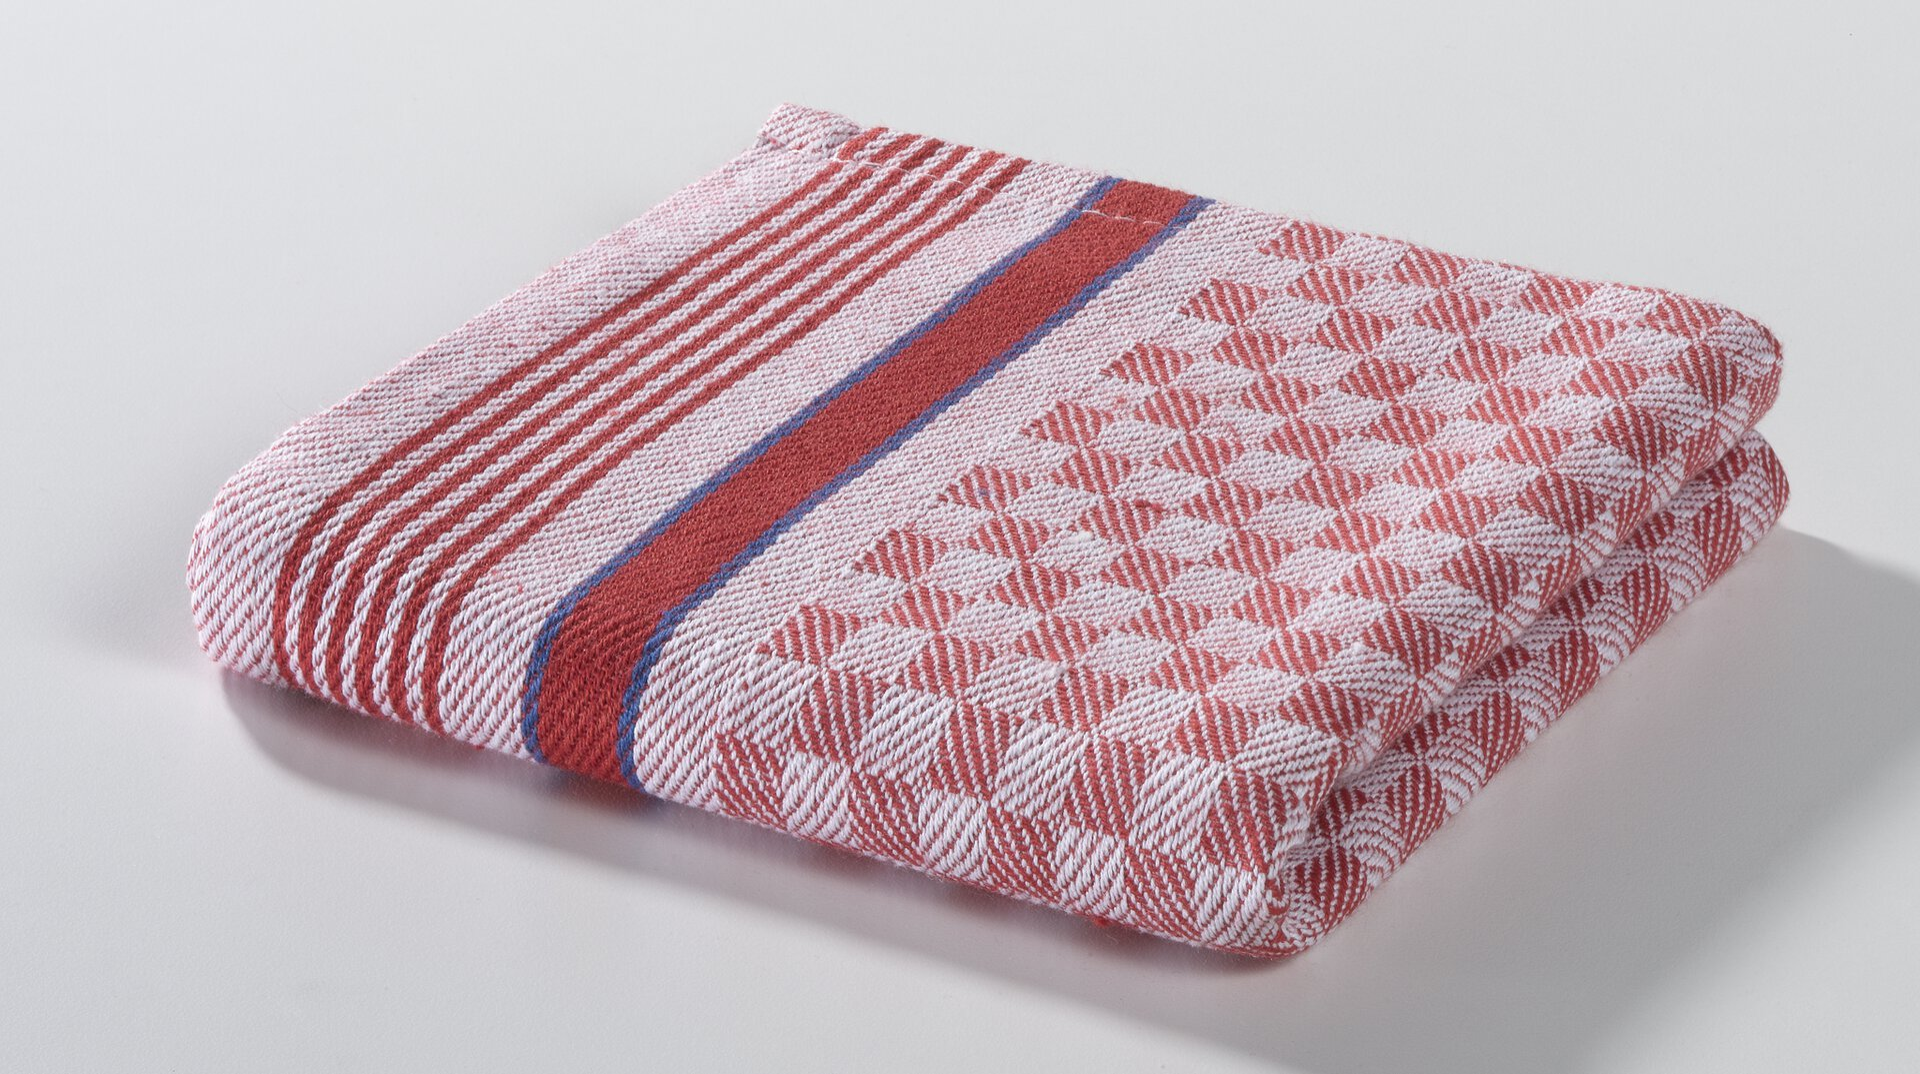 Geschirrtuch Grubentücher Casa Nova Textil rot 50 x 70 cm